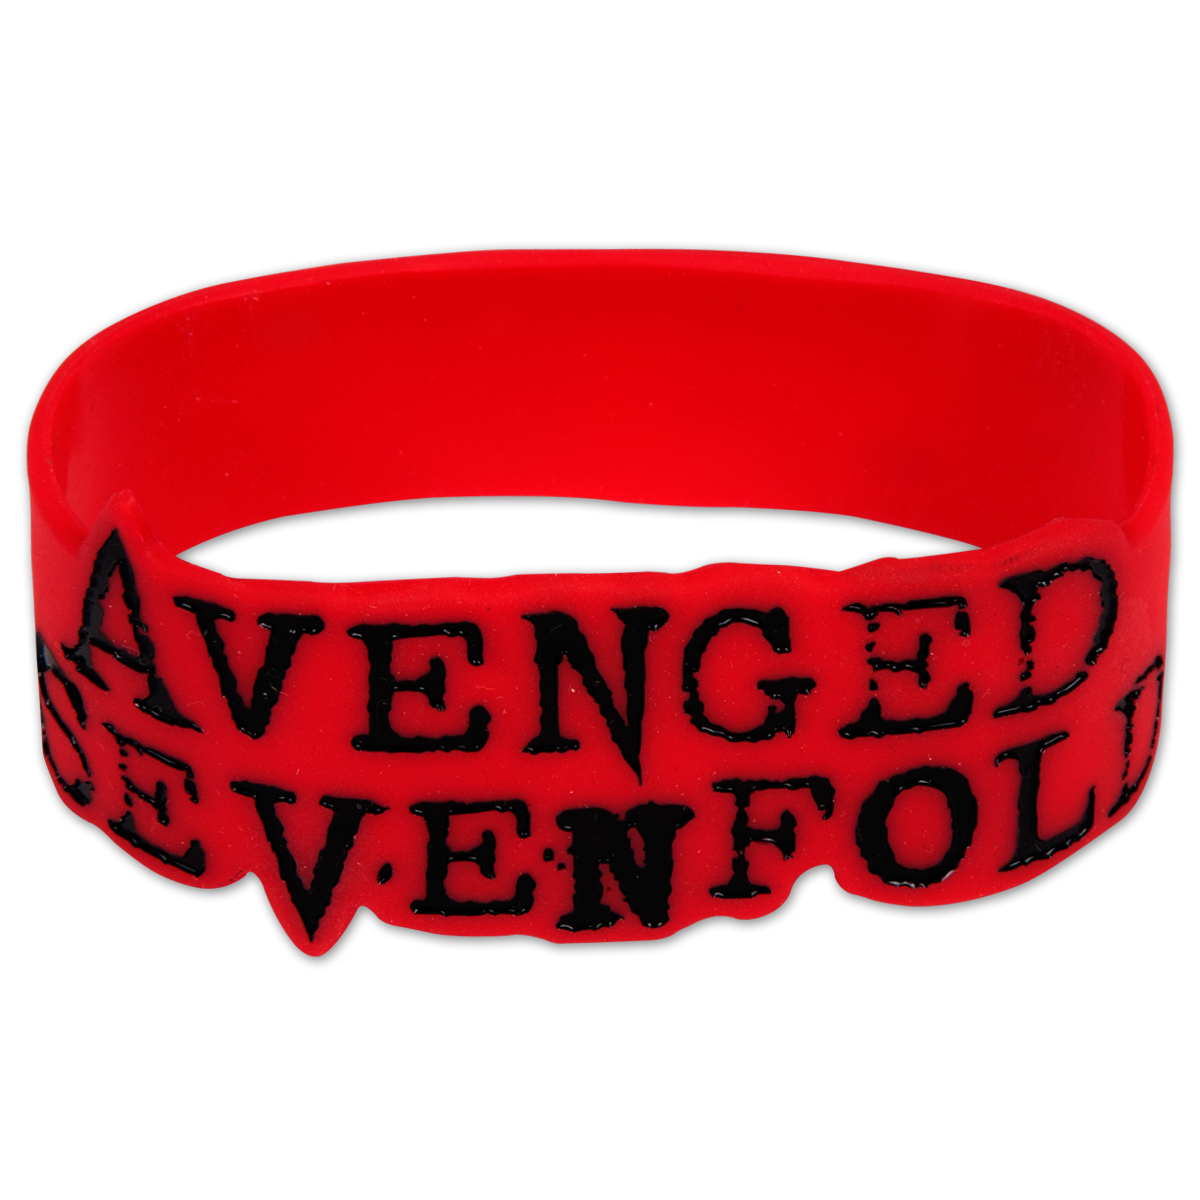 Avenged Sevenford Red Logo Rubber Bracelet